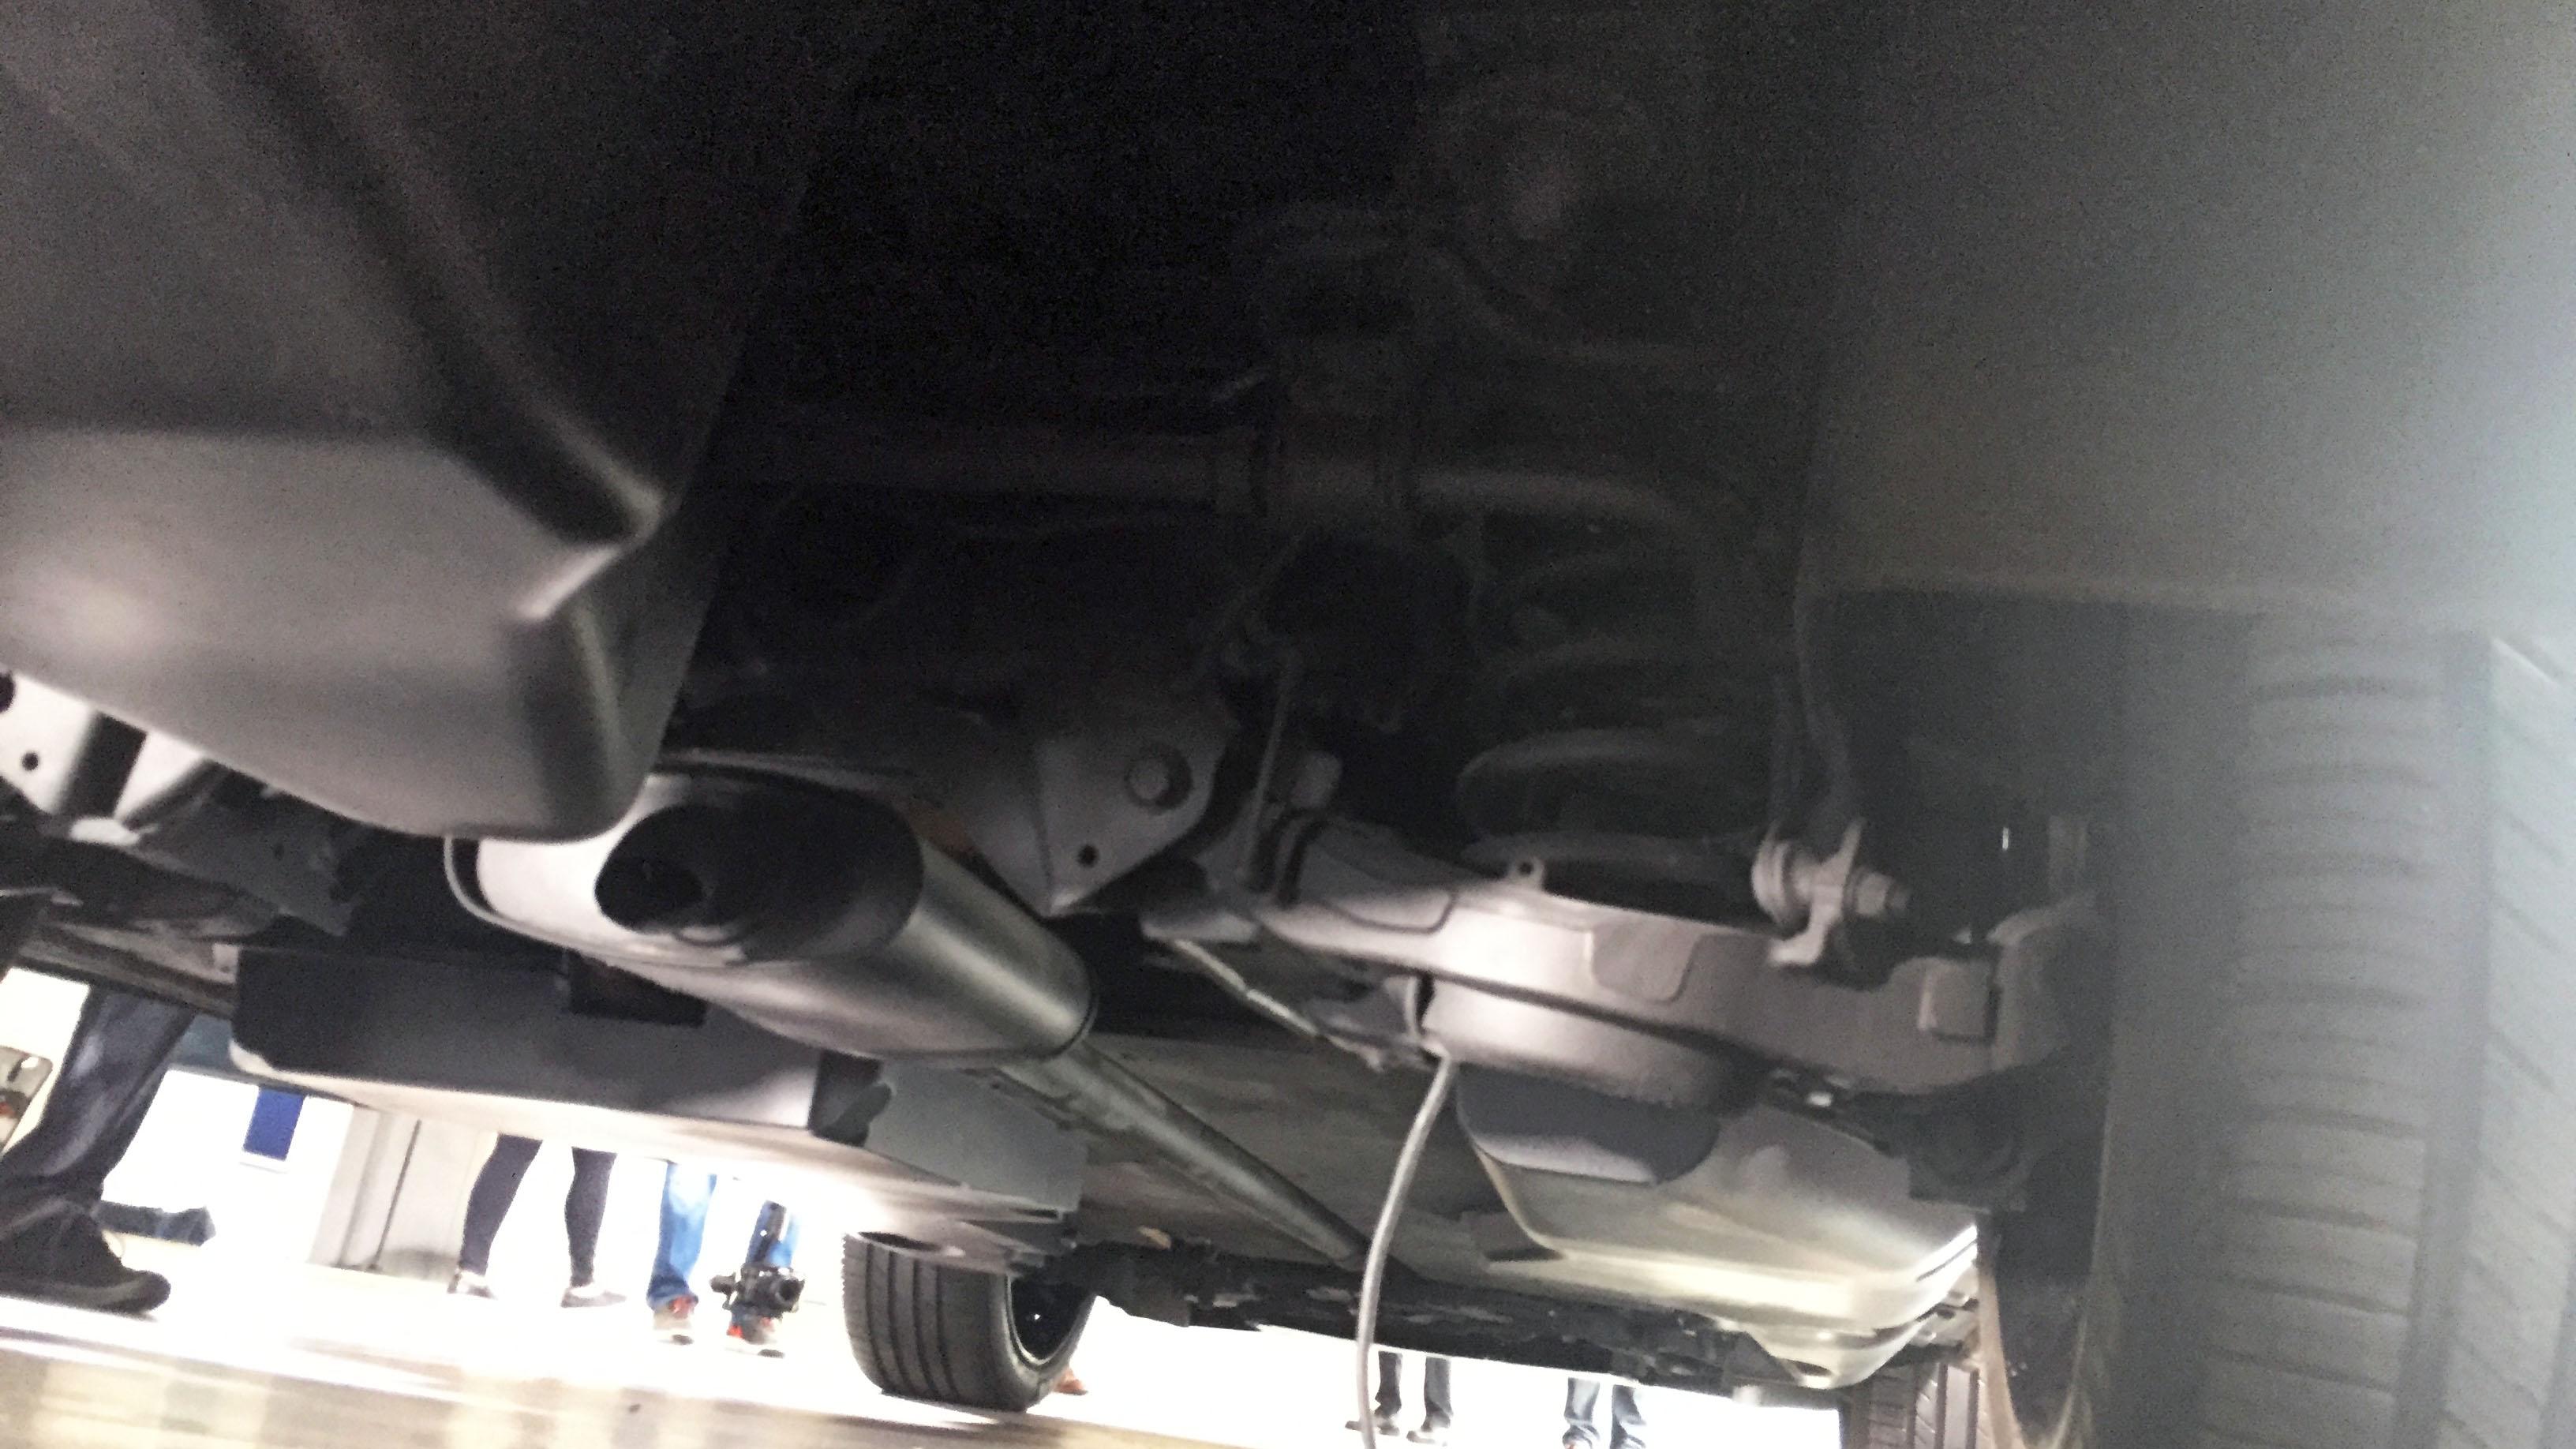 Lincoln Aviator rear suspension